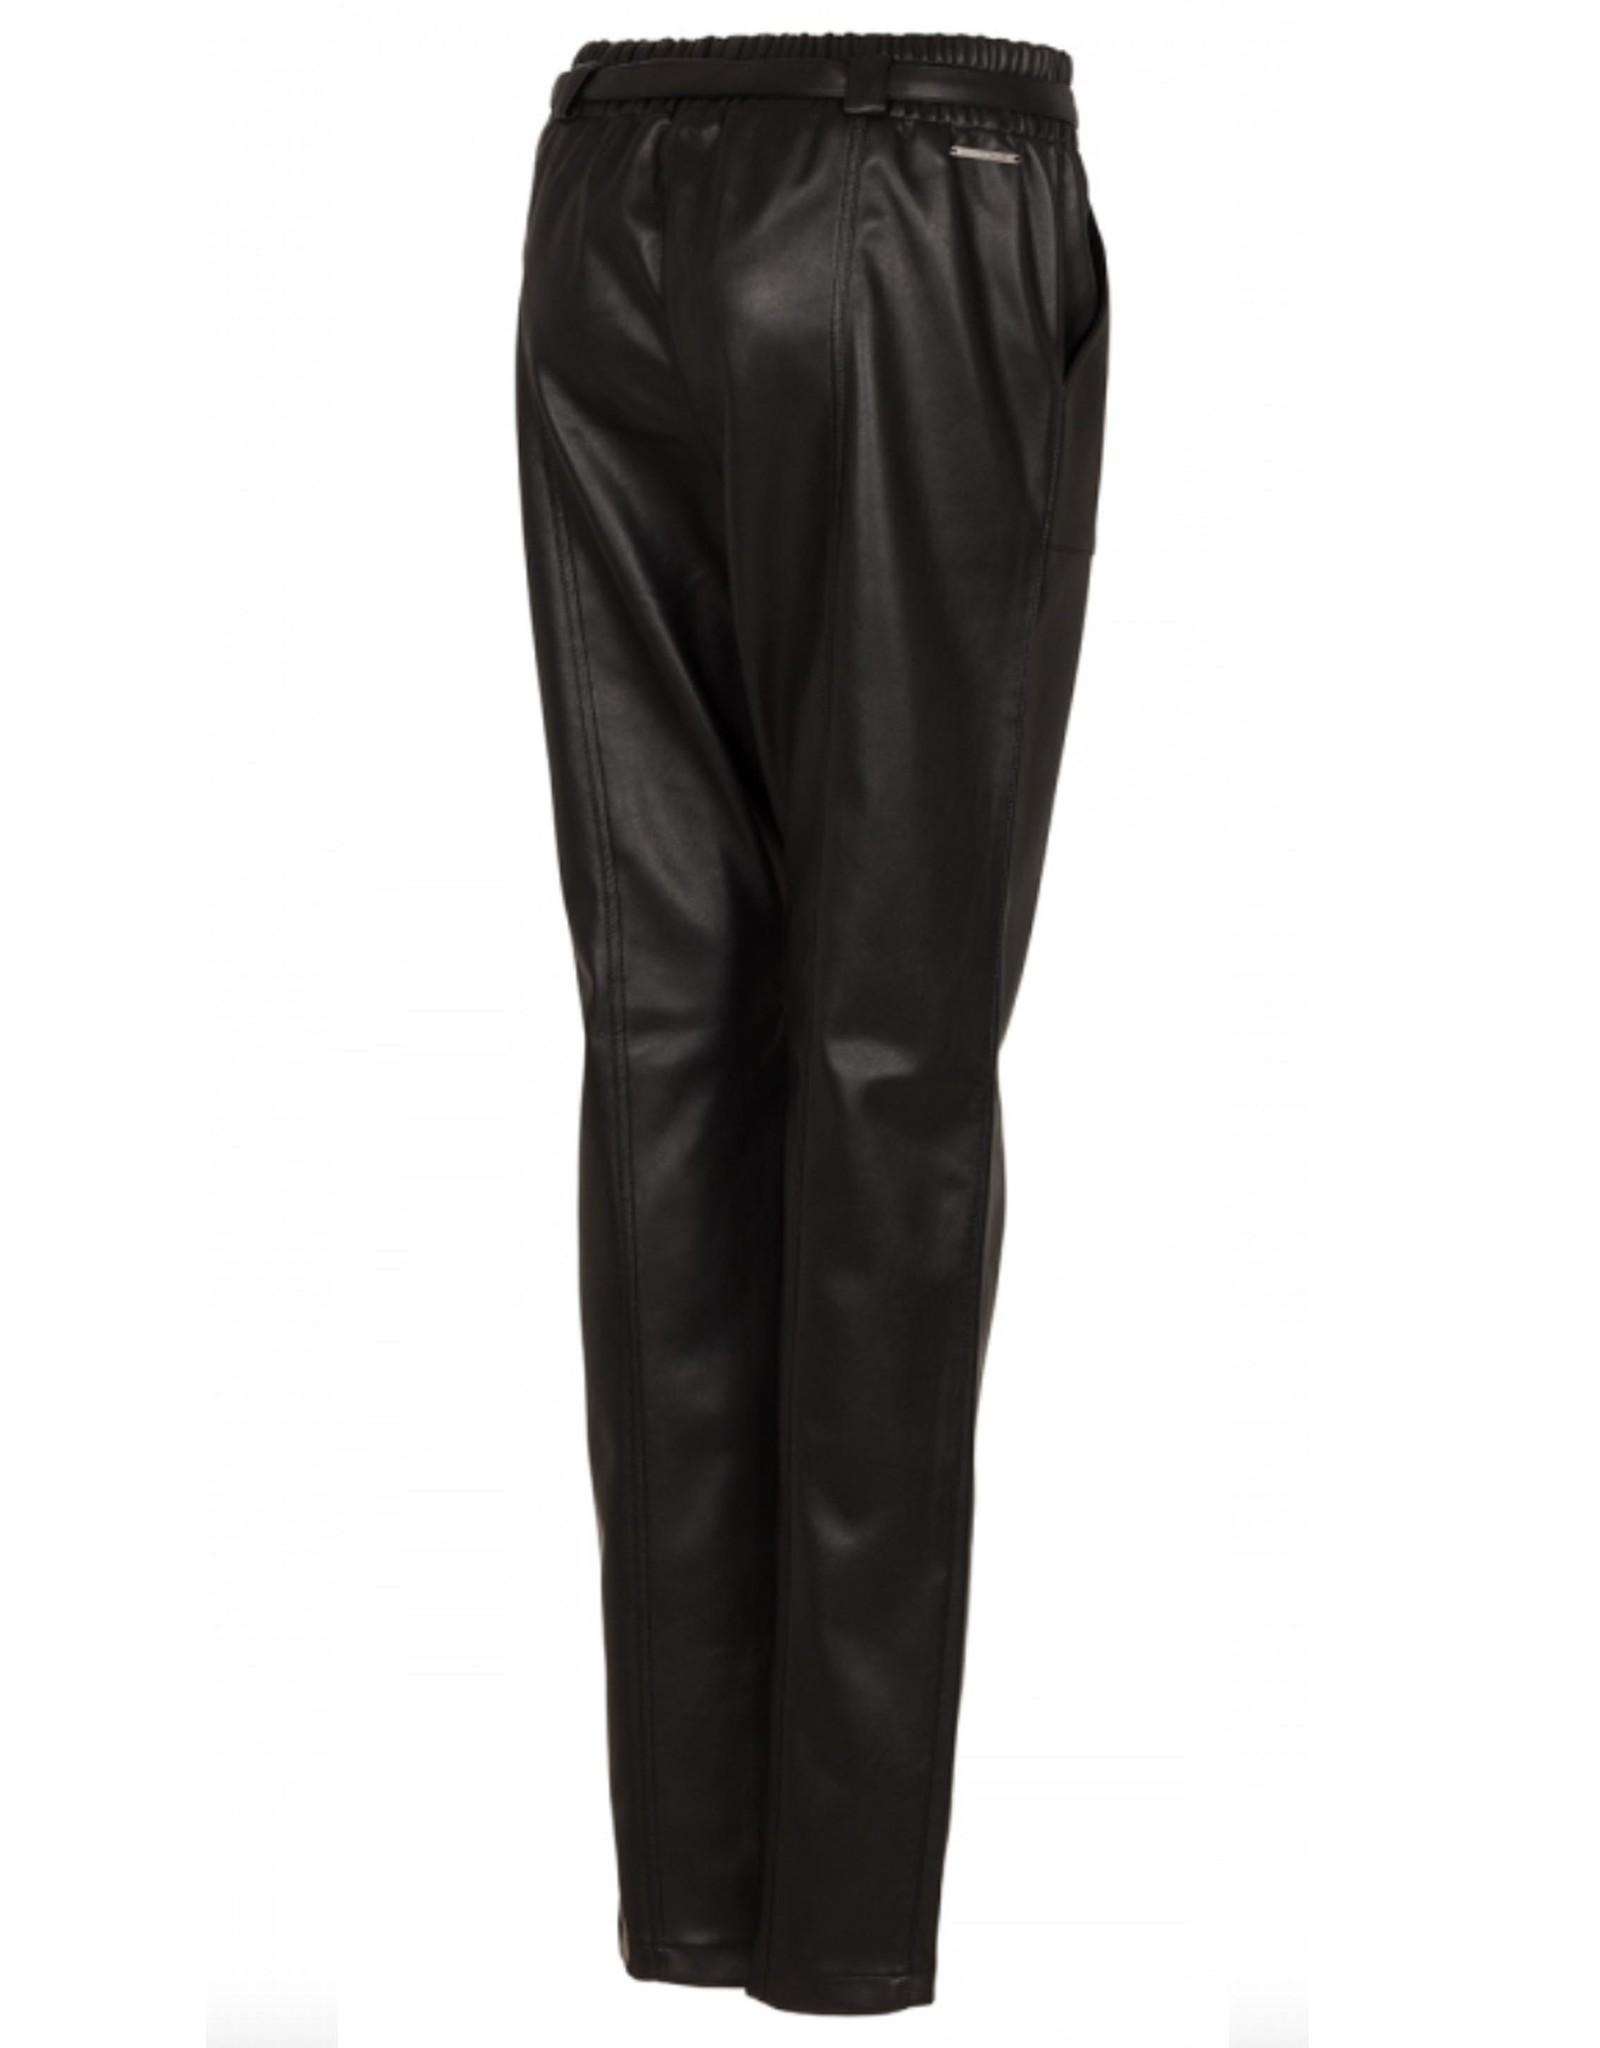 Nickjean Broek Tahlia Leather black